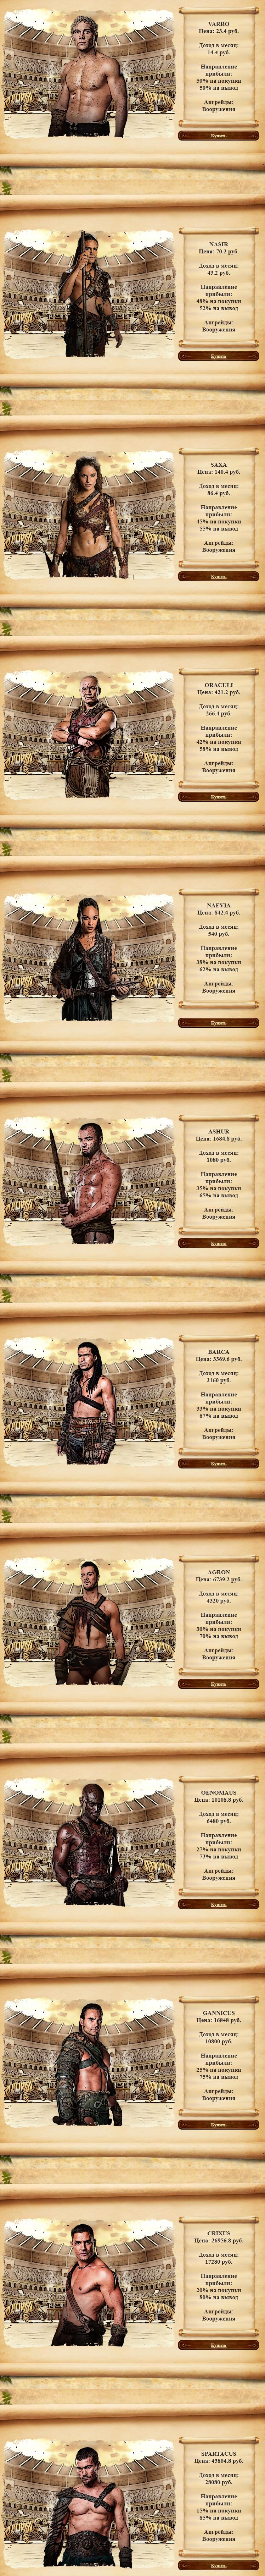 «ГЛАДИАТОРЫ» играй и зарабатывай! - economic-game-gladiators.store - Маркетинг игры